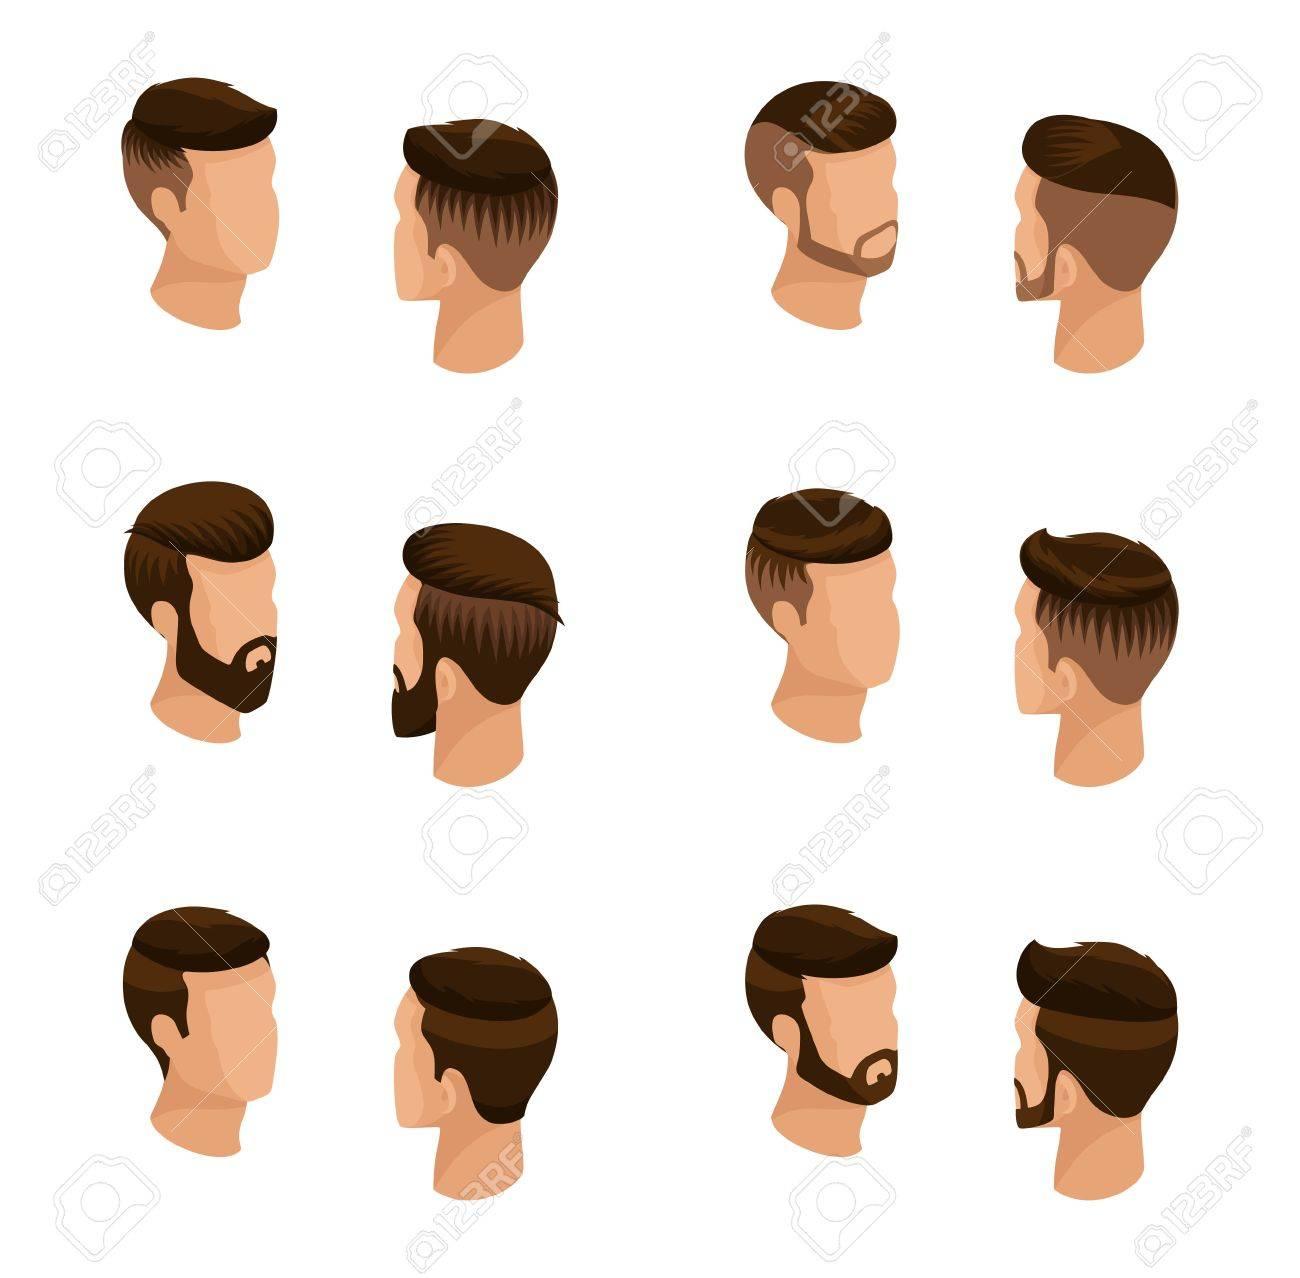 Conjunto Isometrico De Los Avatares Los Peinados De Los Hombres